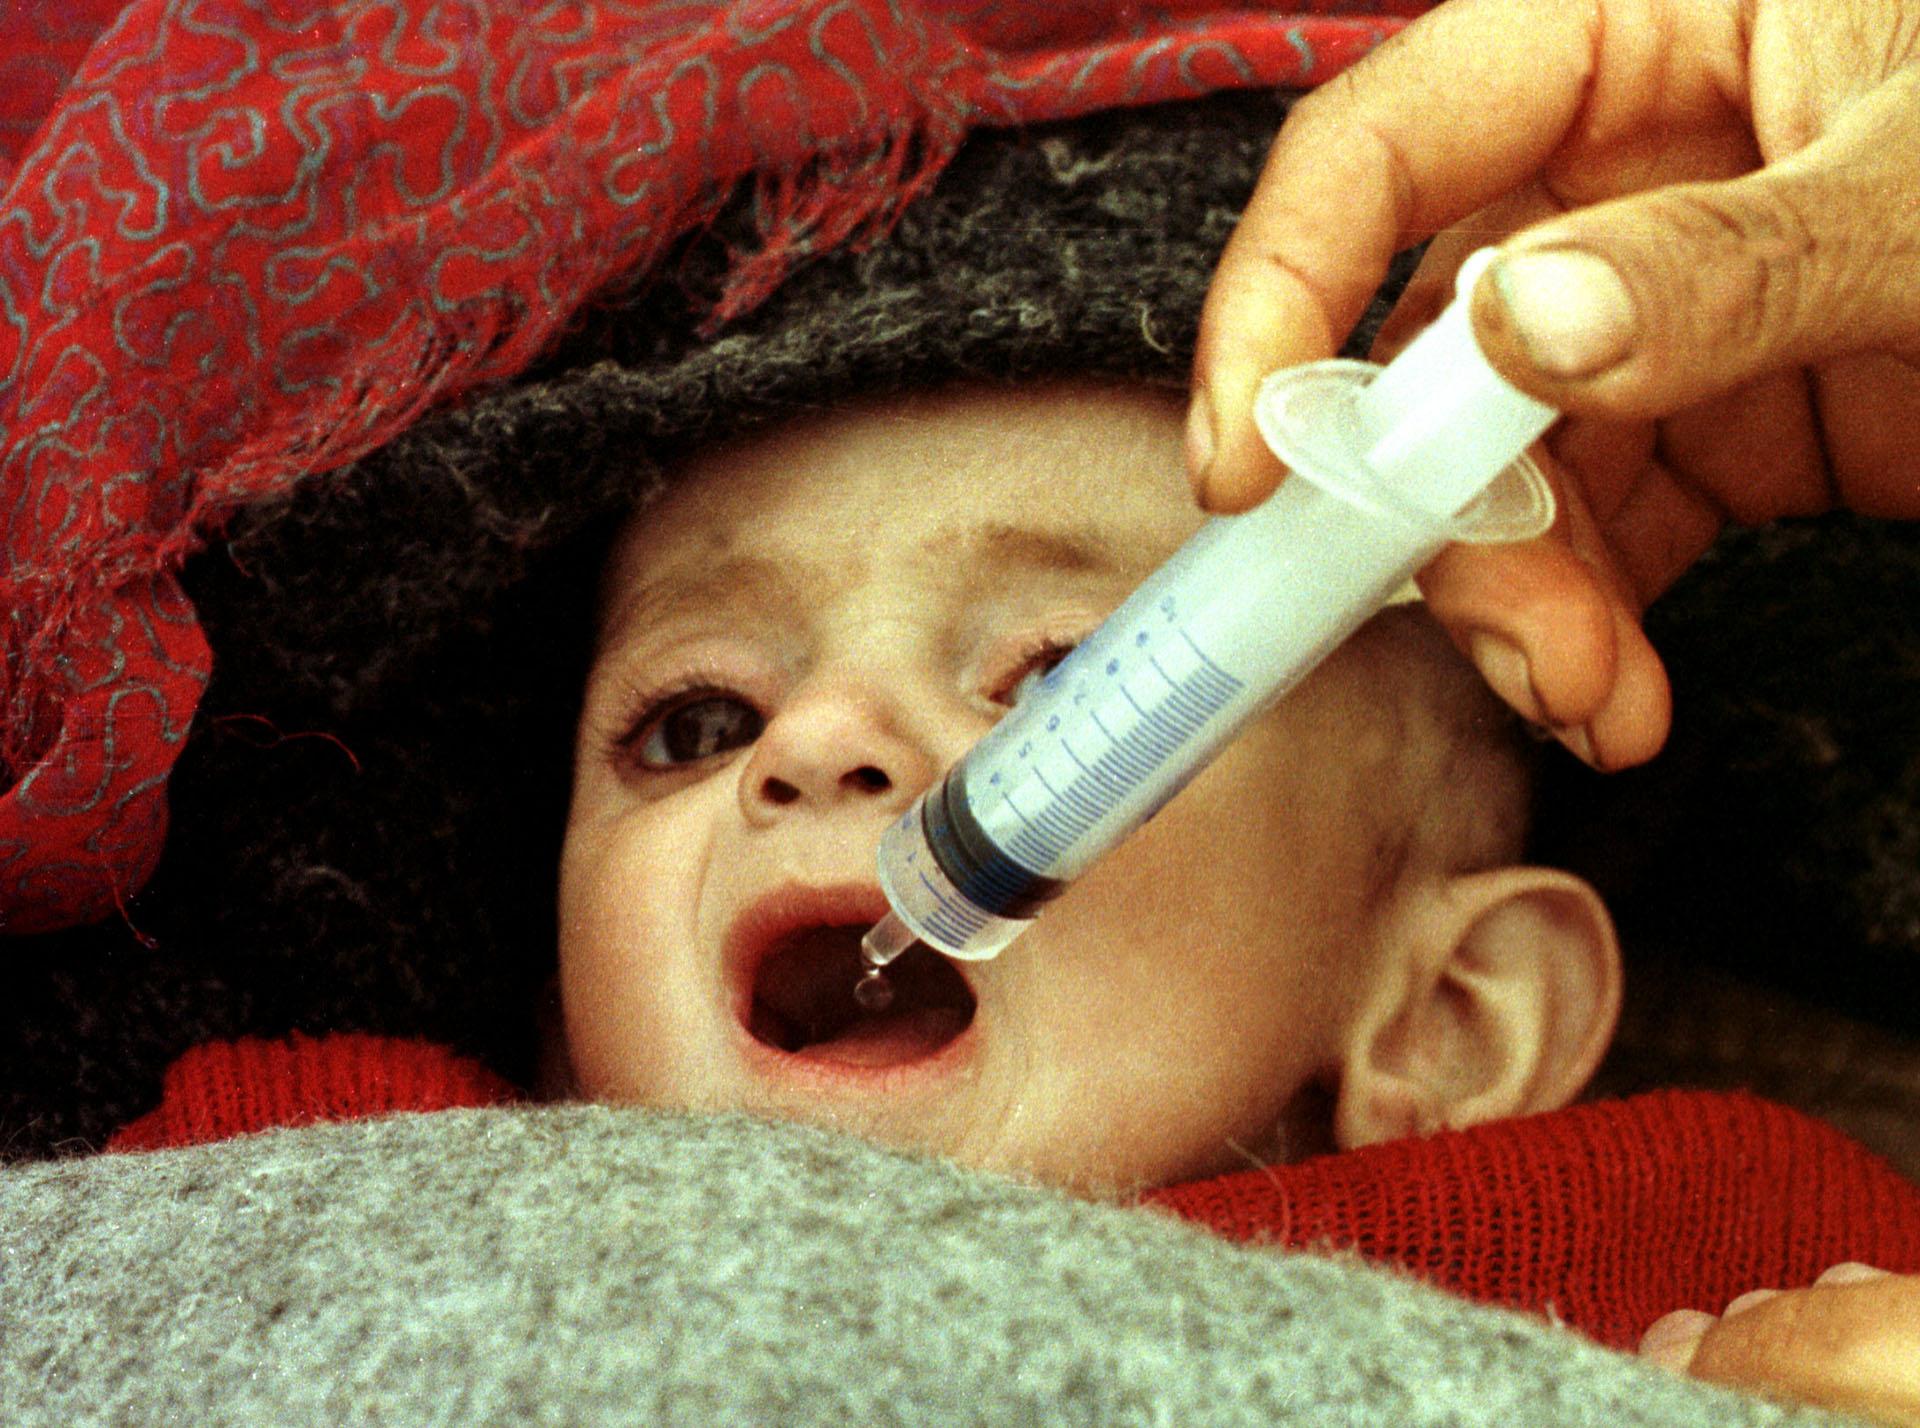 Un niño recibe glucosa en un campo de refugiados en Isikveren (Turquía), en abril de 1991